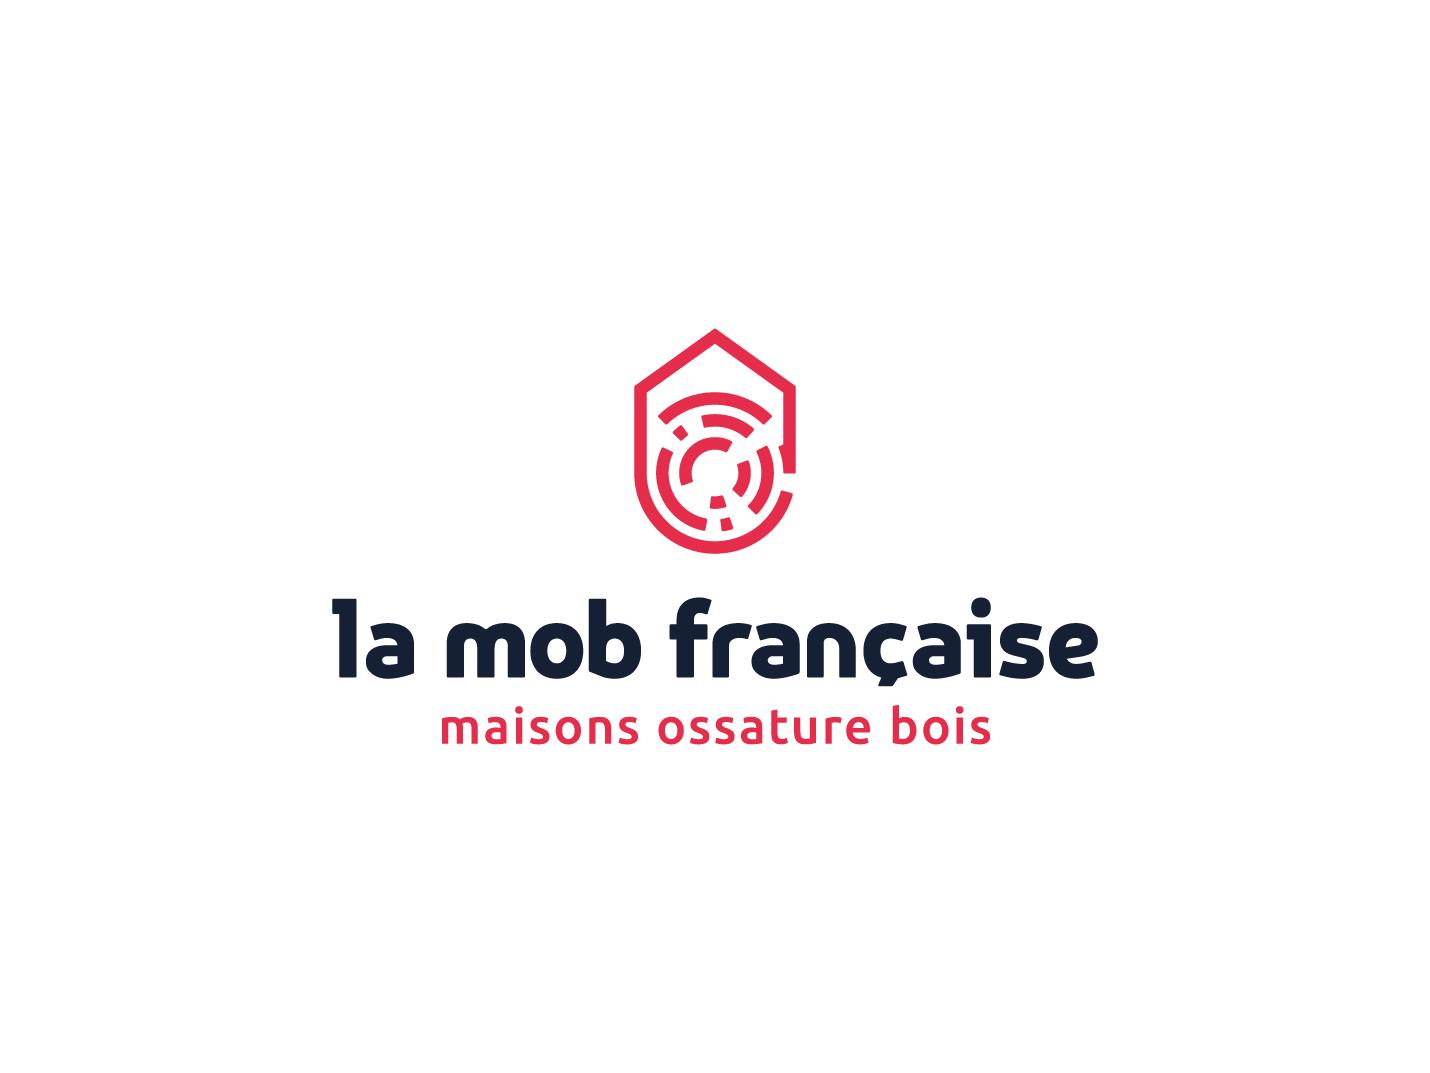 La MOB franaise fabricant de maisons en bois de longue date  Maisons bois LUTZ